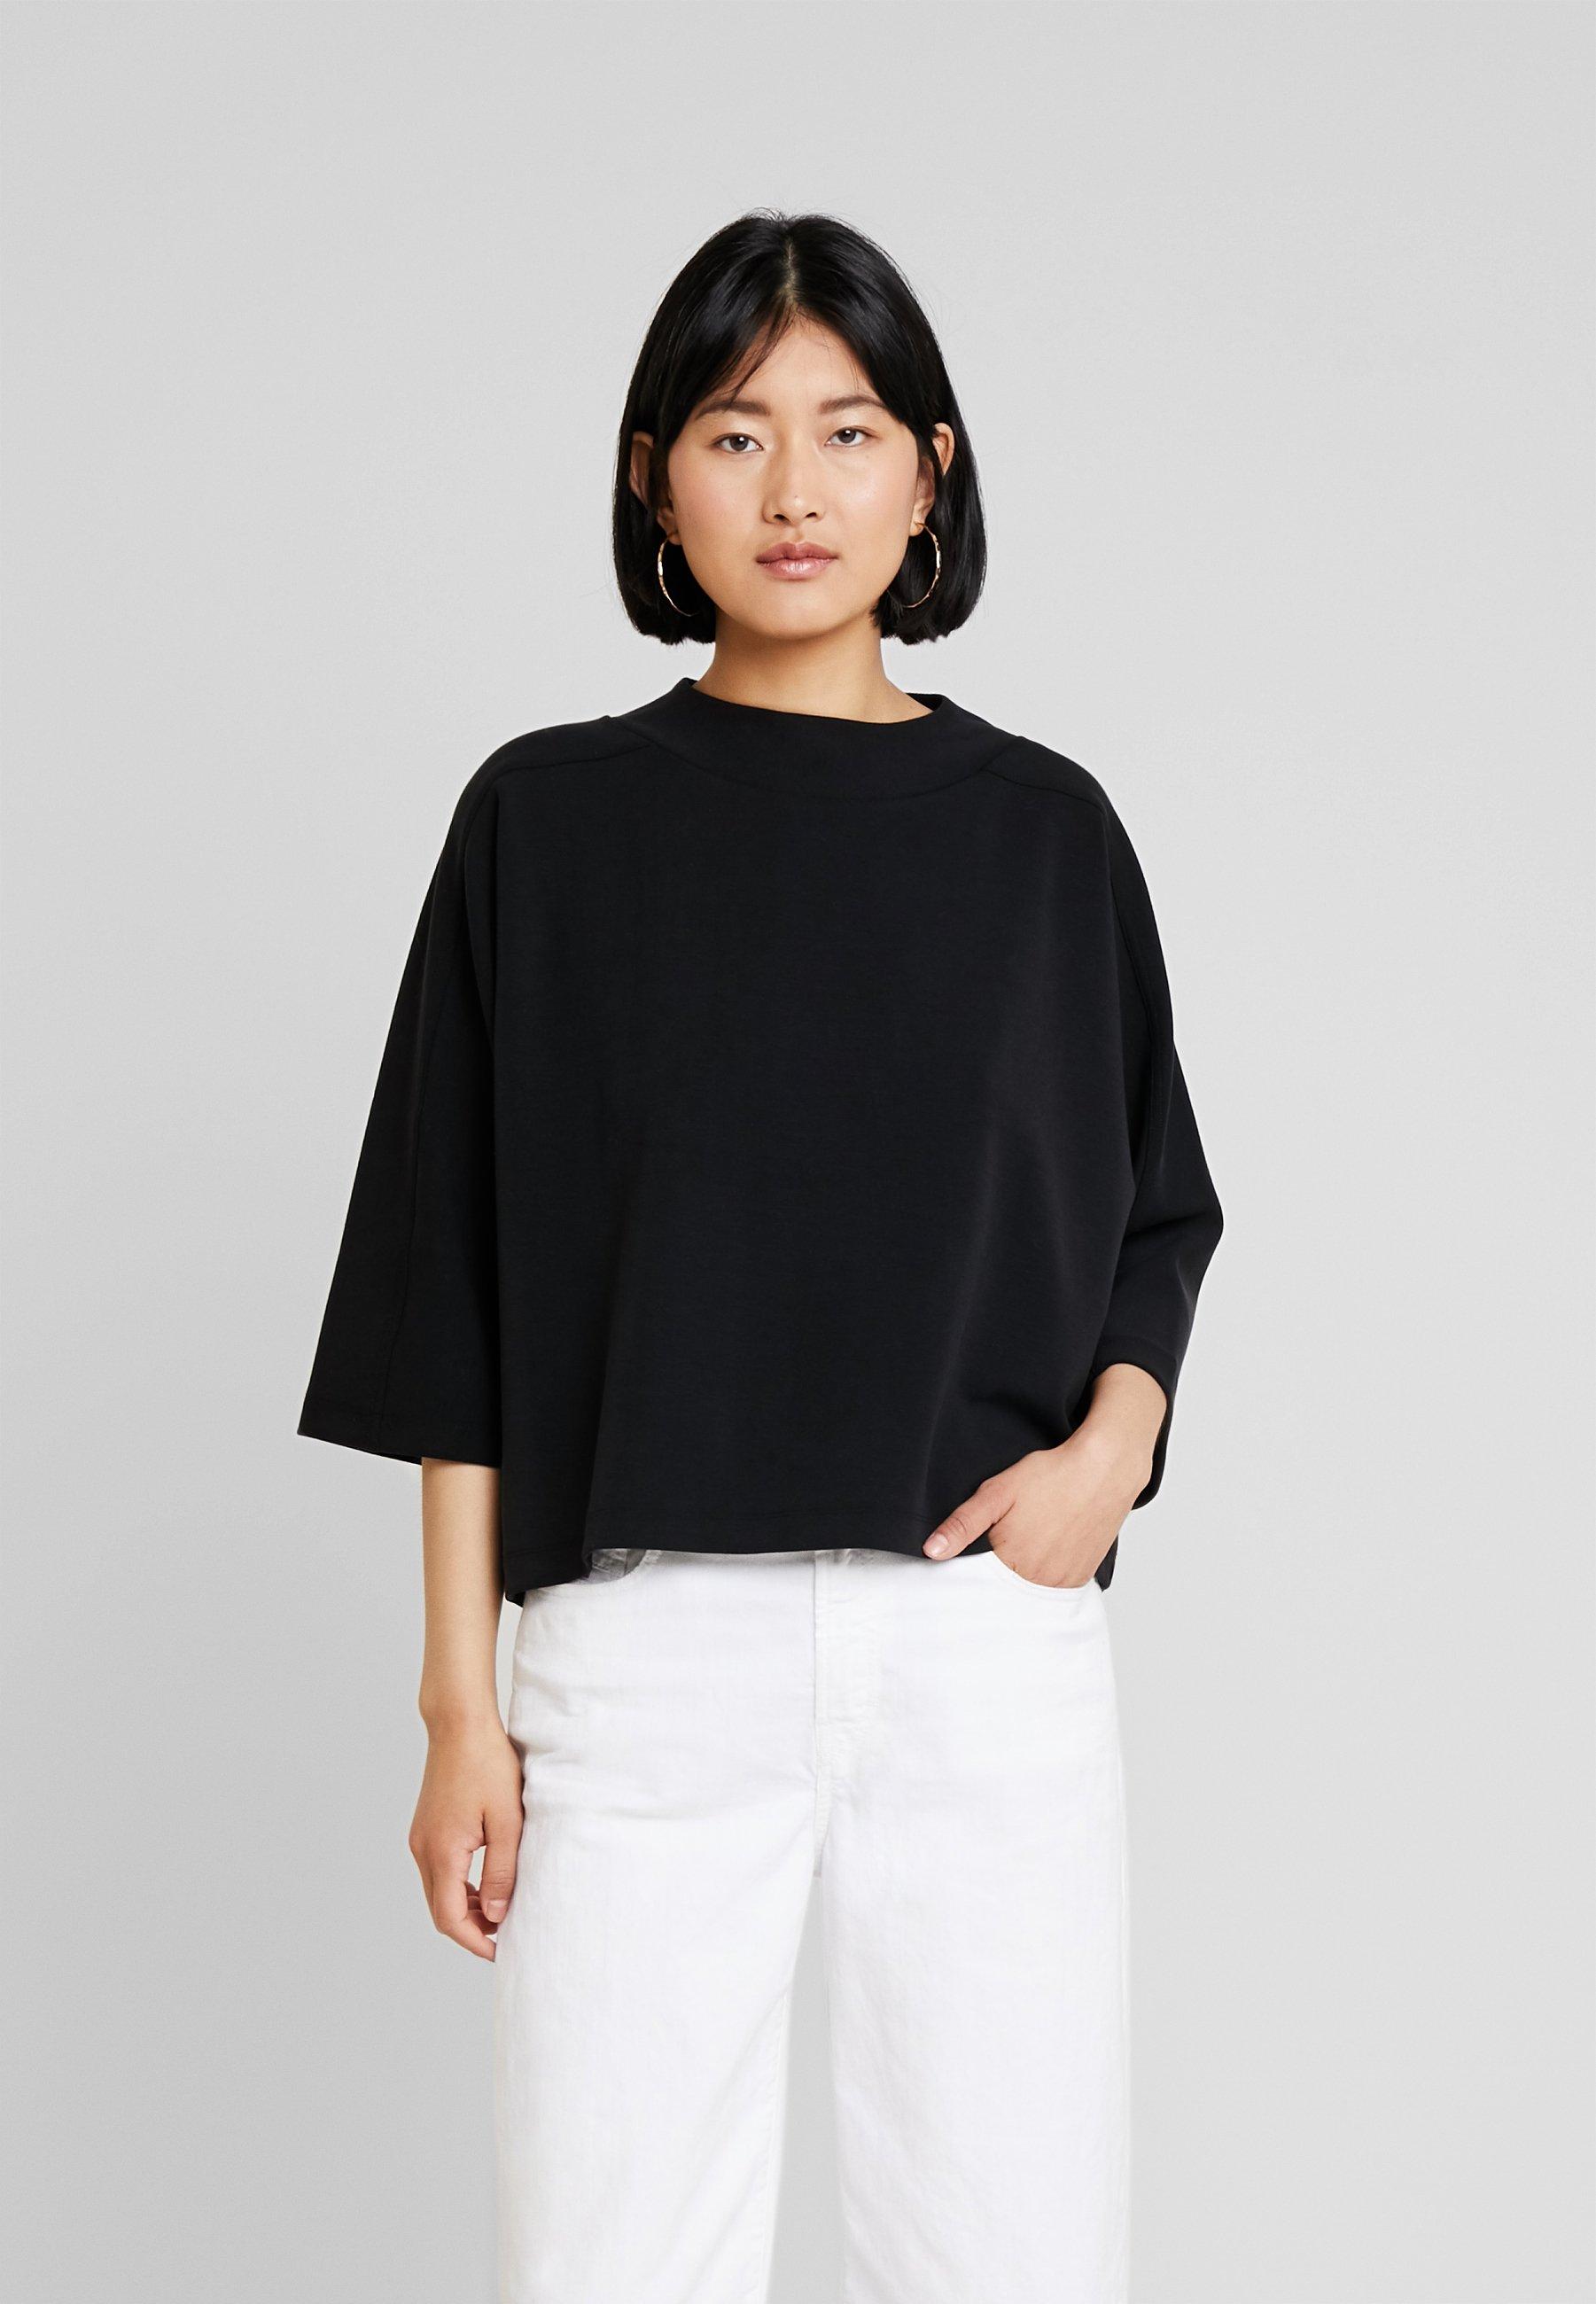 SomedayUmayT shirt Longues À Manches Black FJKc1uTl3